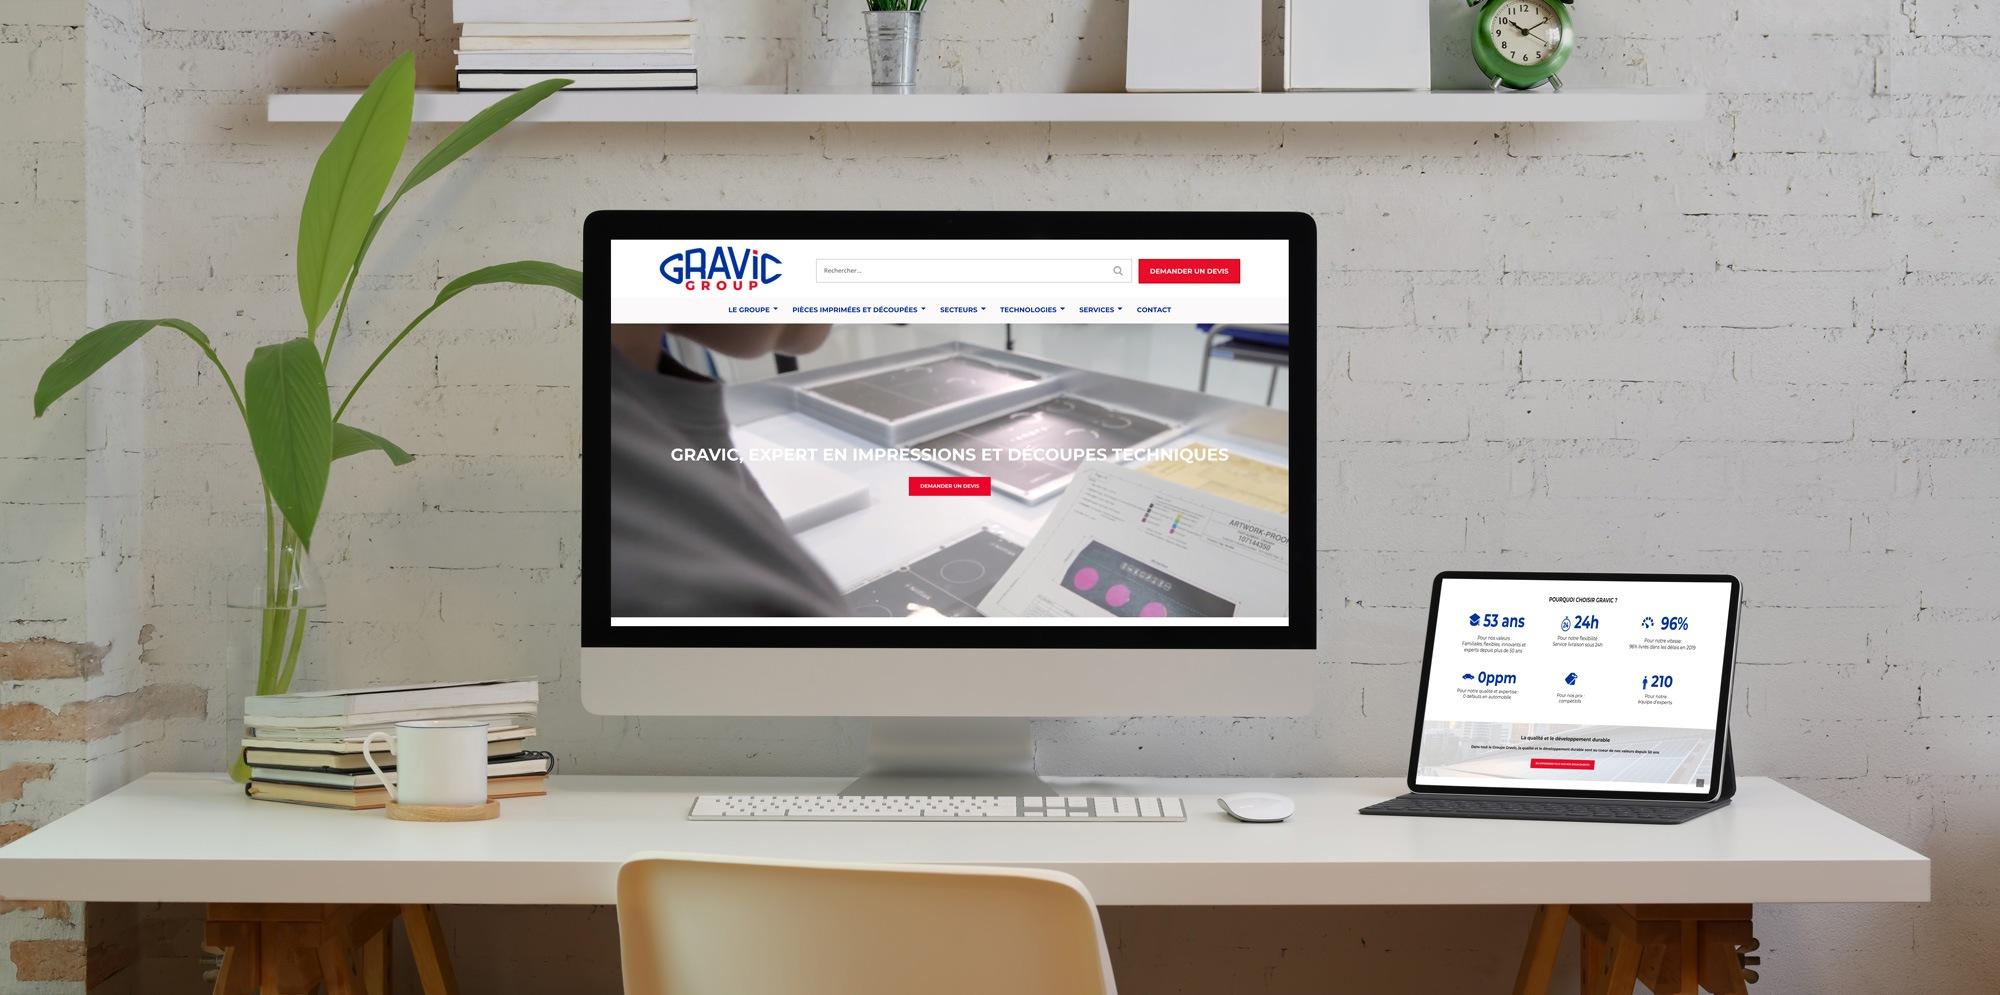 laptop view gravic